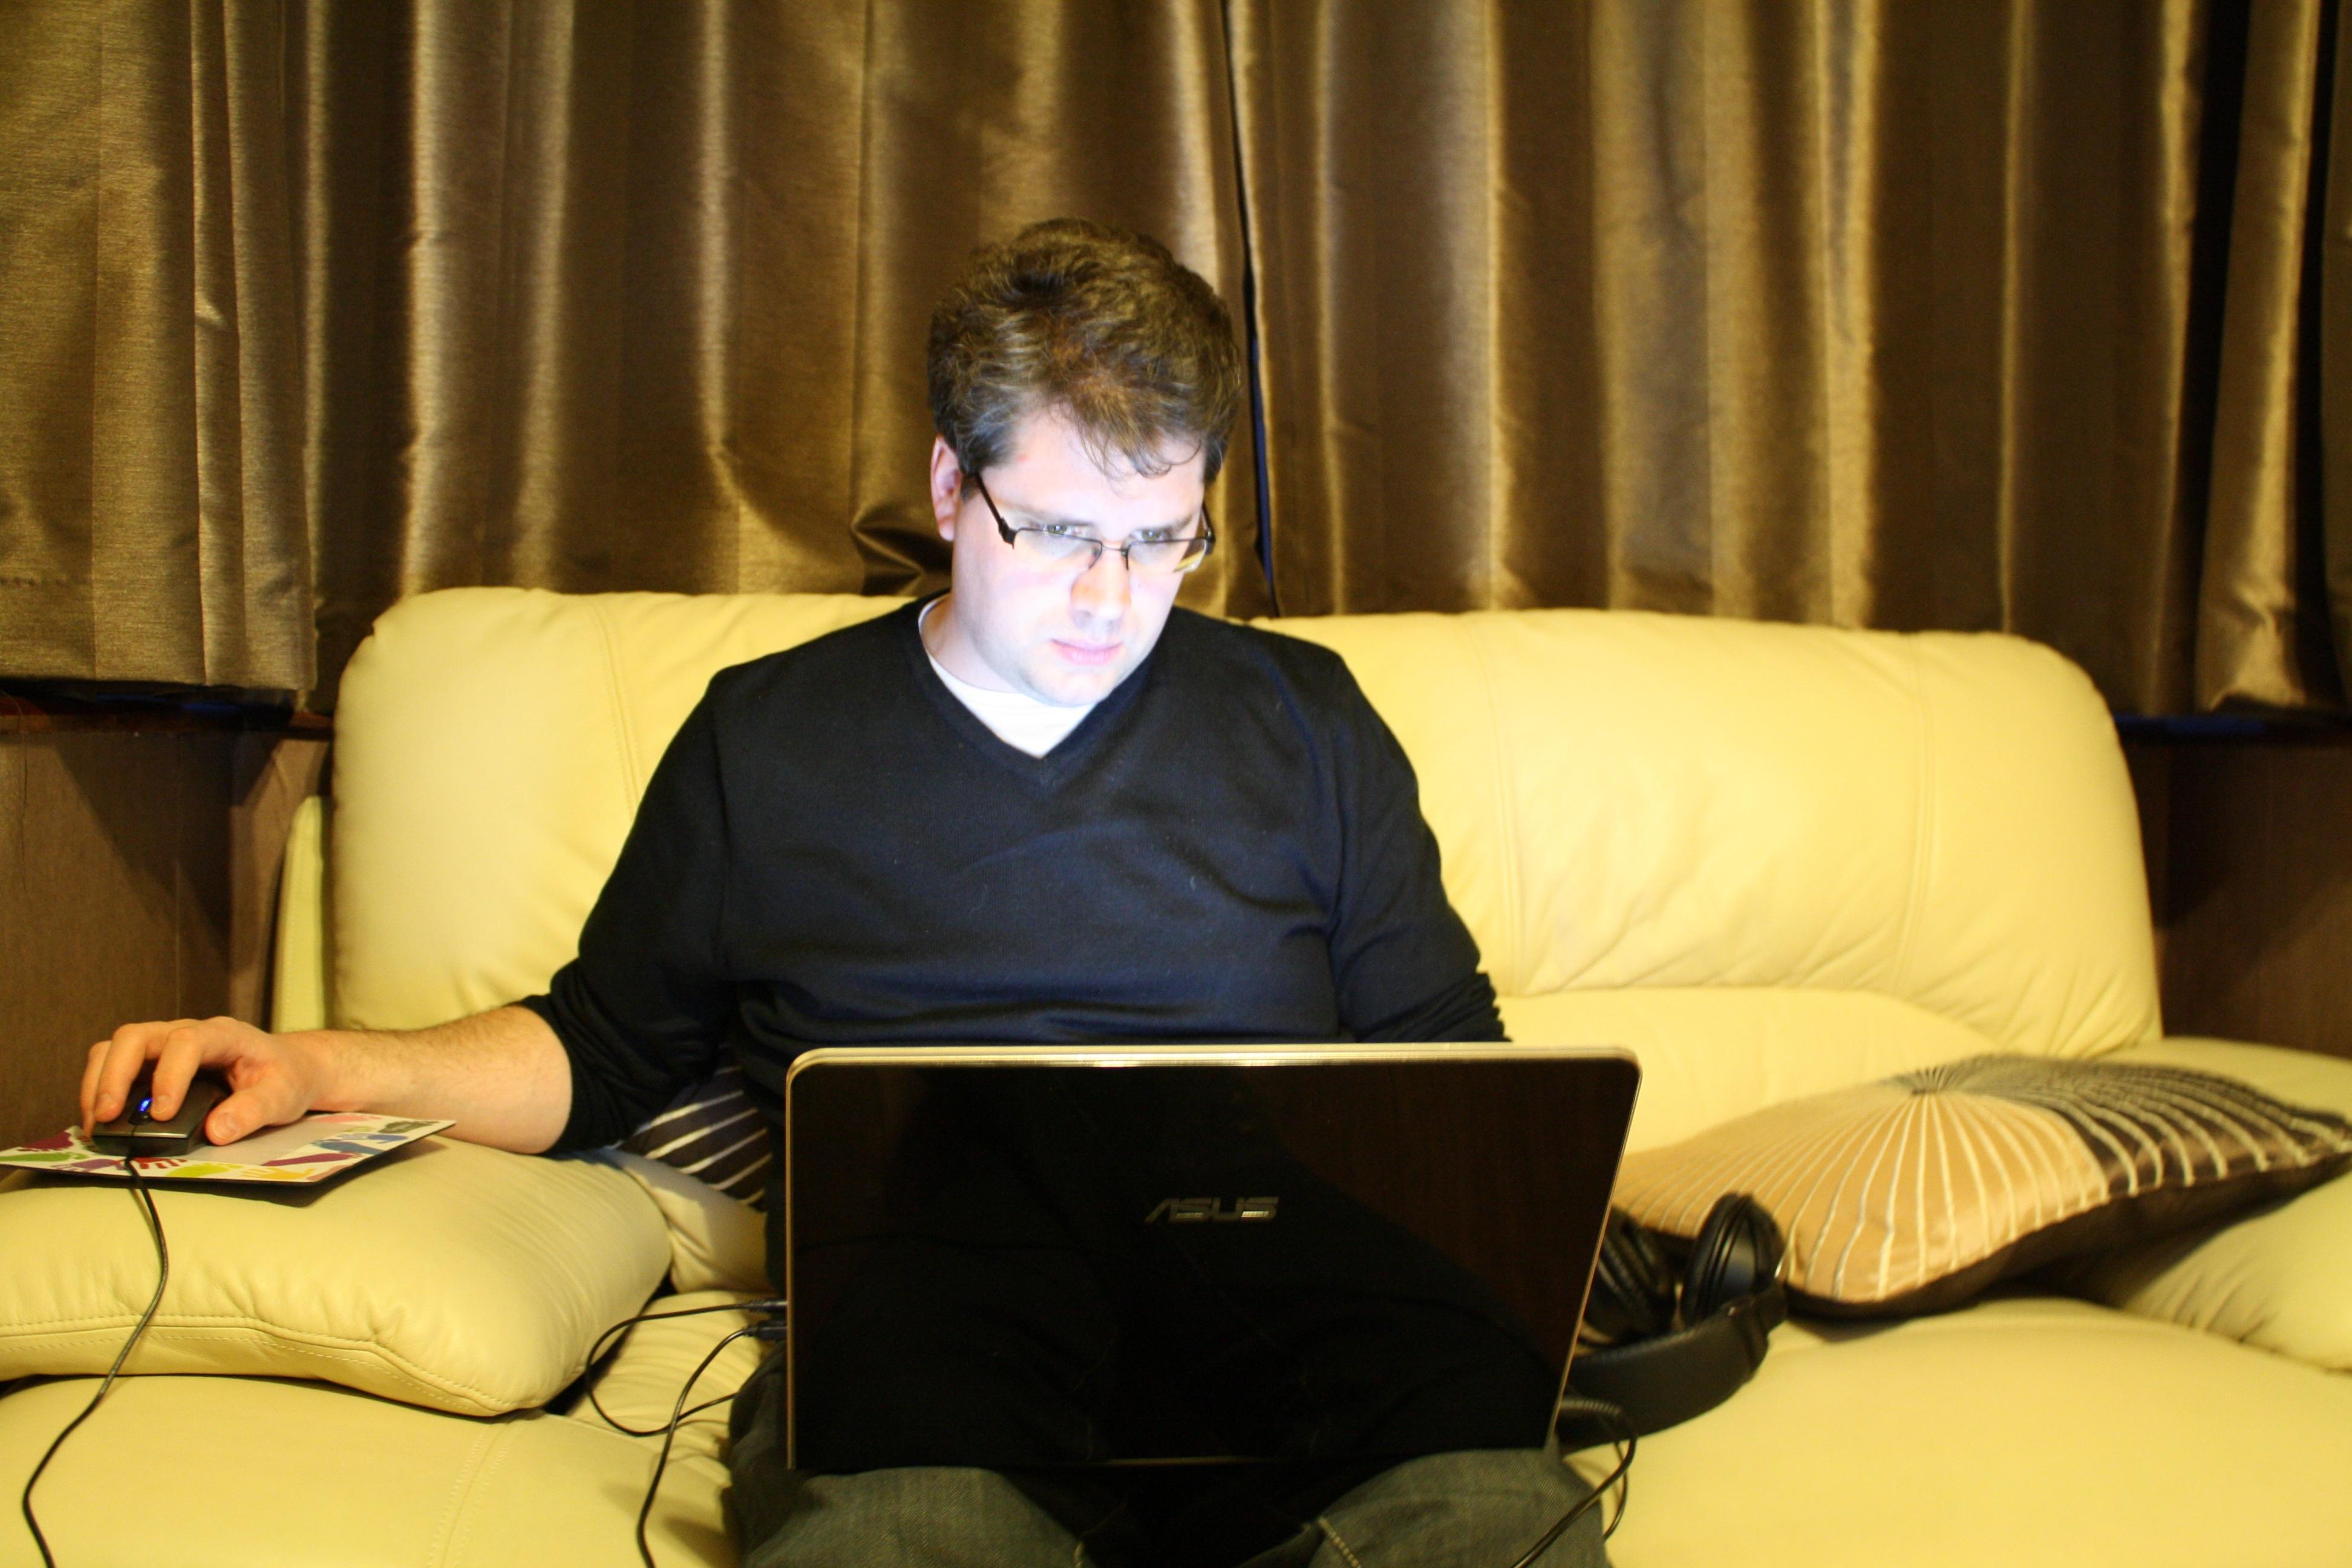 Eliot Higgins, citizen journalist